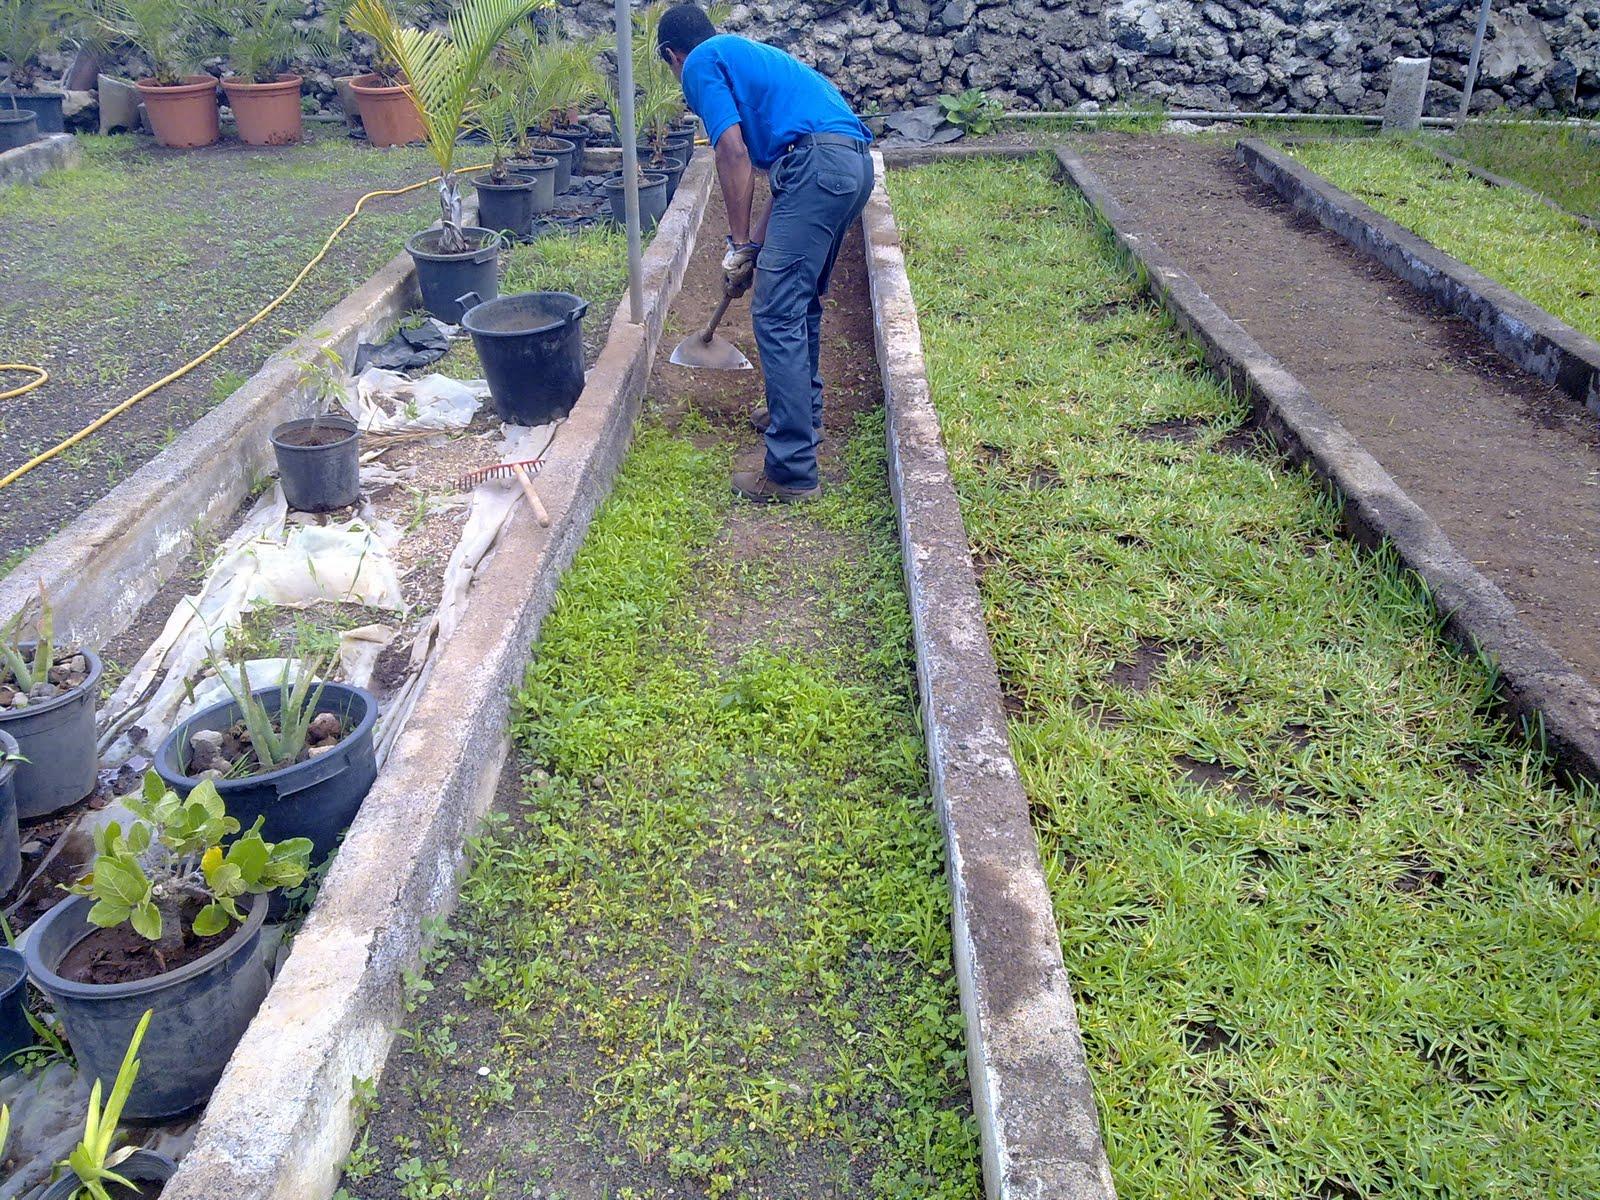 Curso auxiliar jardineria mantenimiento de los pasillos for Auxiliar jardineria